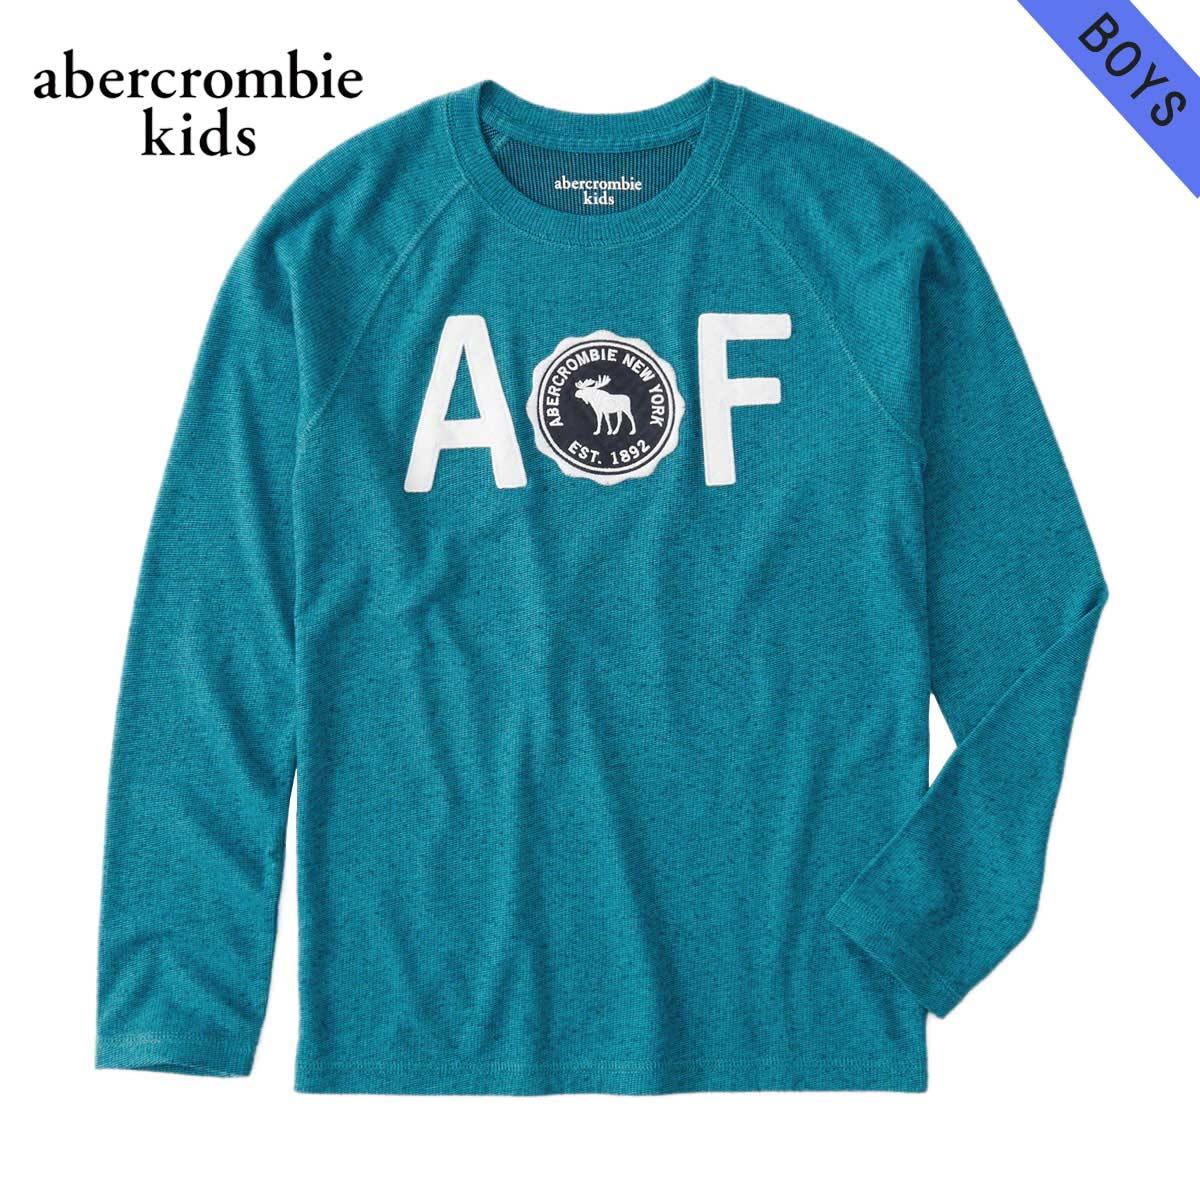 アバクロキッズ AbercrombieKids 正規品 子供服 ボーイズ クルーネック長袖Tシャツ cozy logo graphic tee 223-616-0101-020